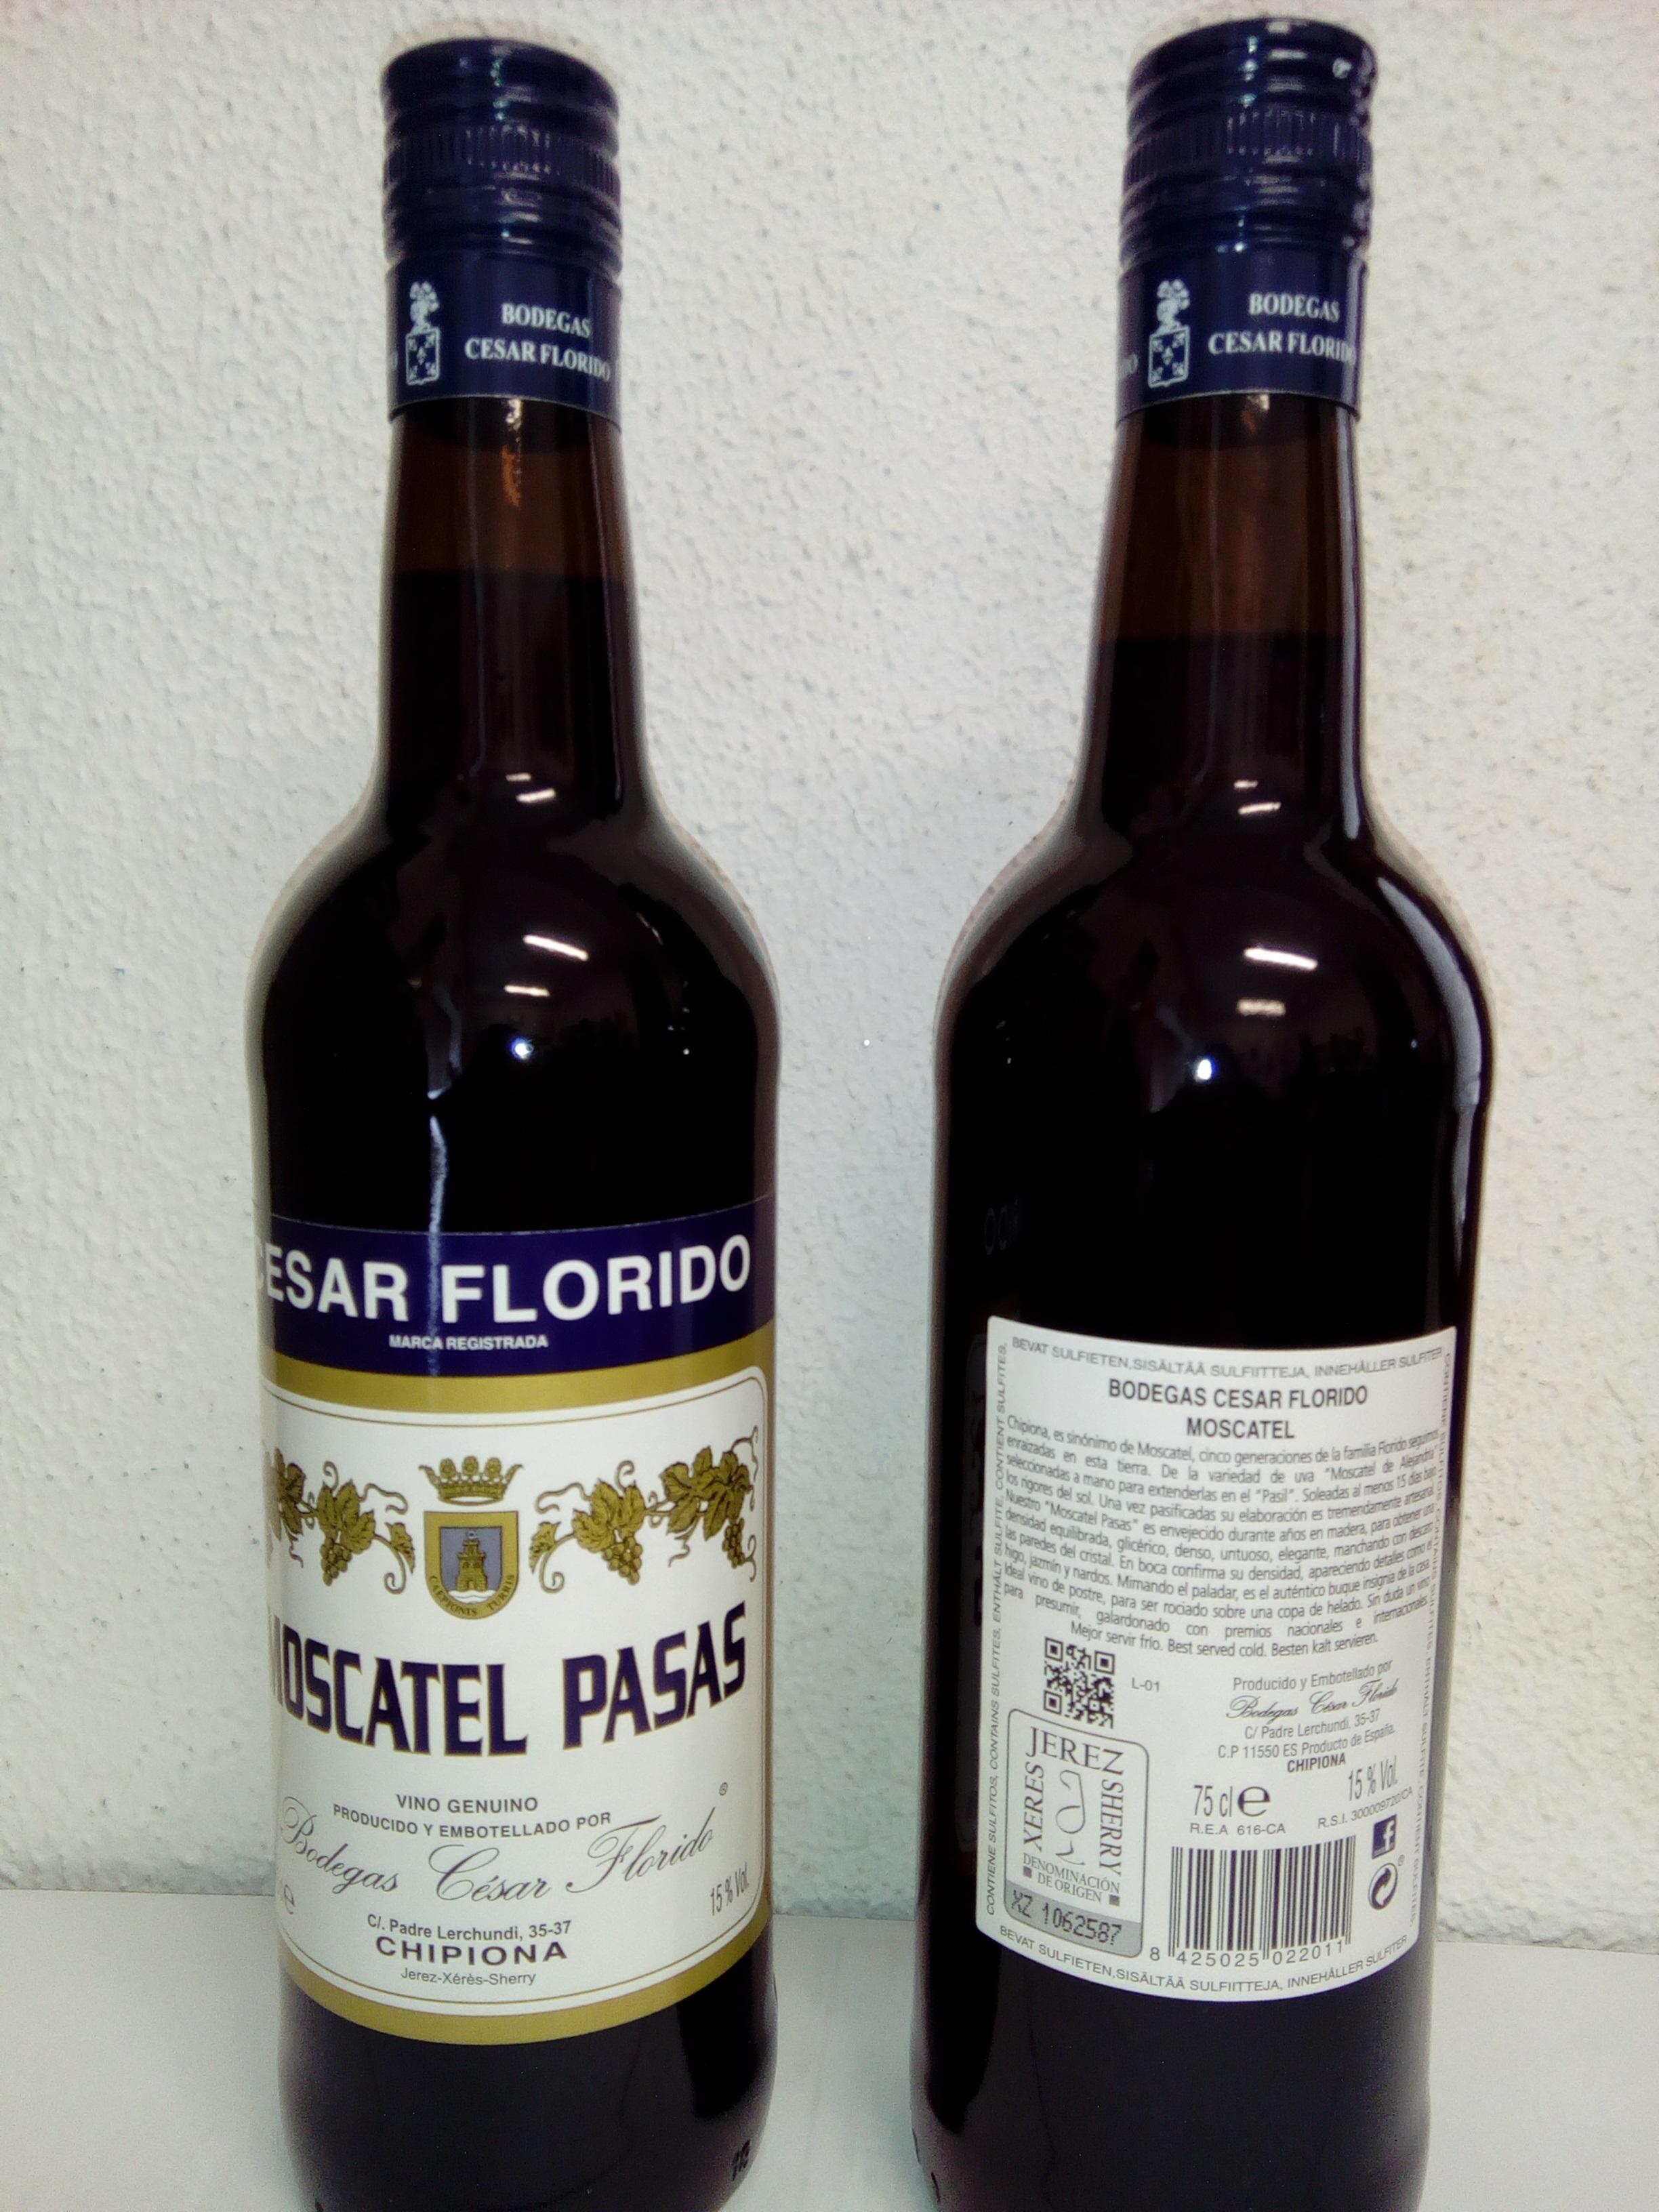 Moscatel Pasas